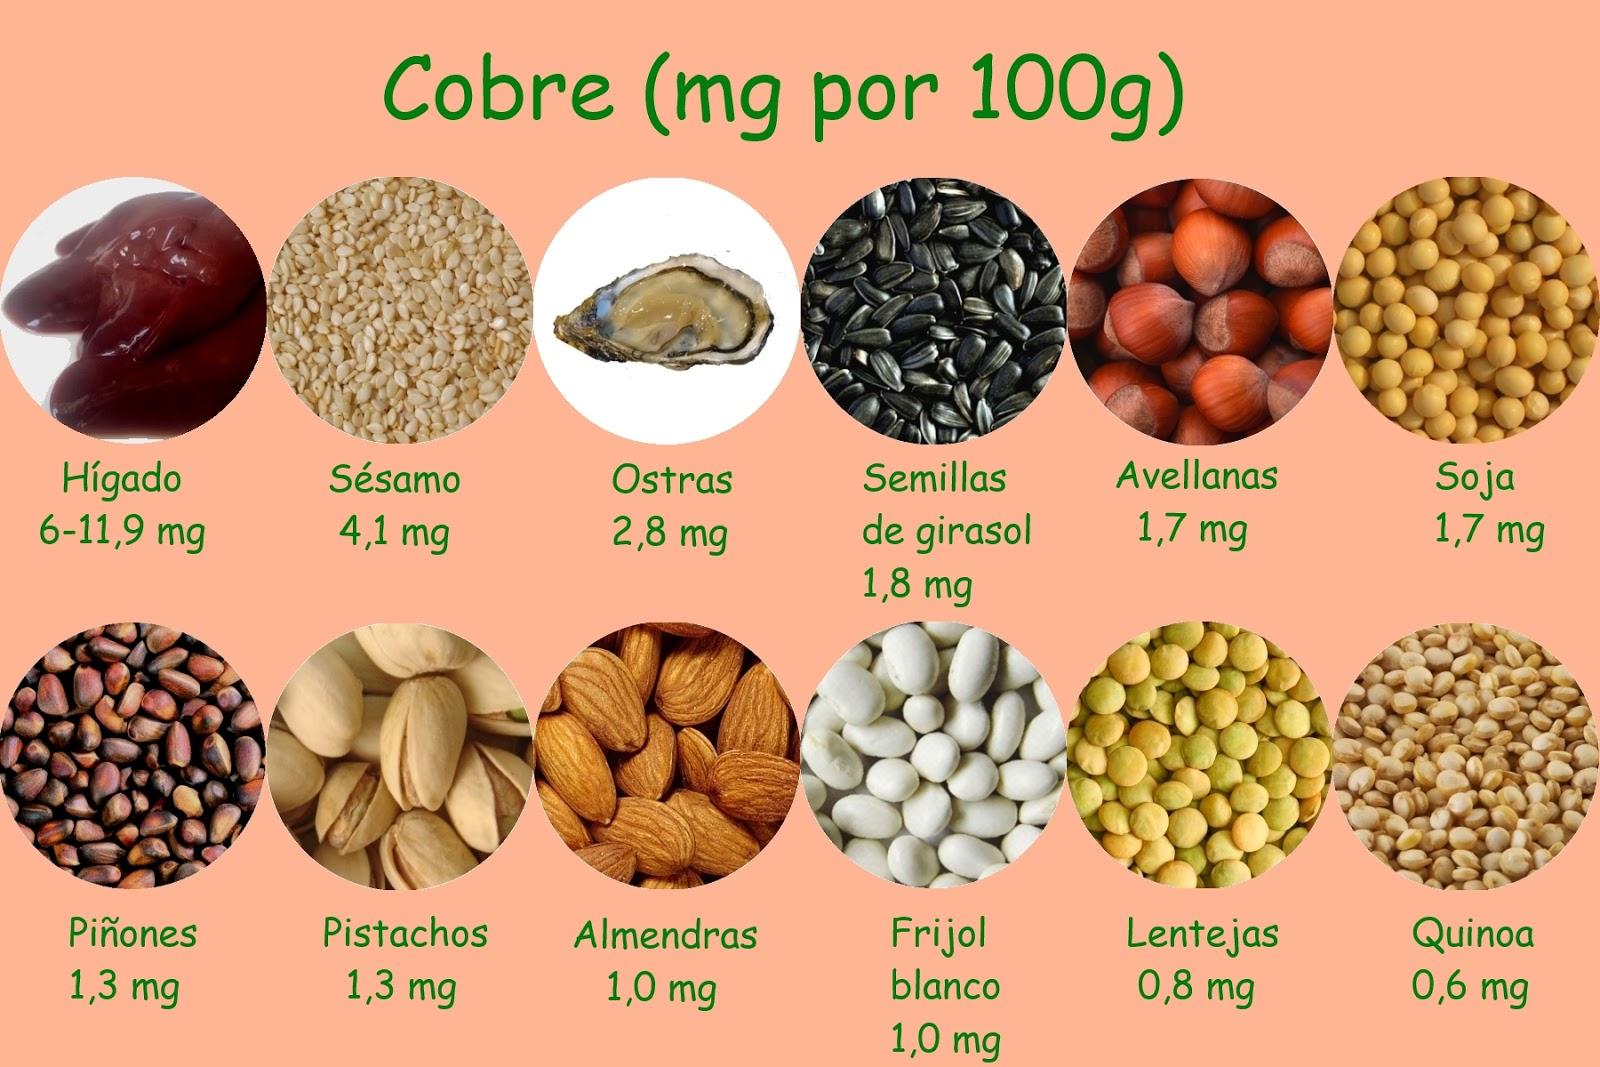 Mini posts de despierta t que duermes oligoelementos la importancia del cobre - Alimentos ricos en magnesio y zinc ...